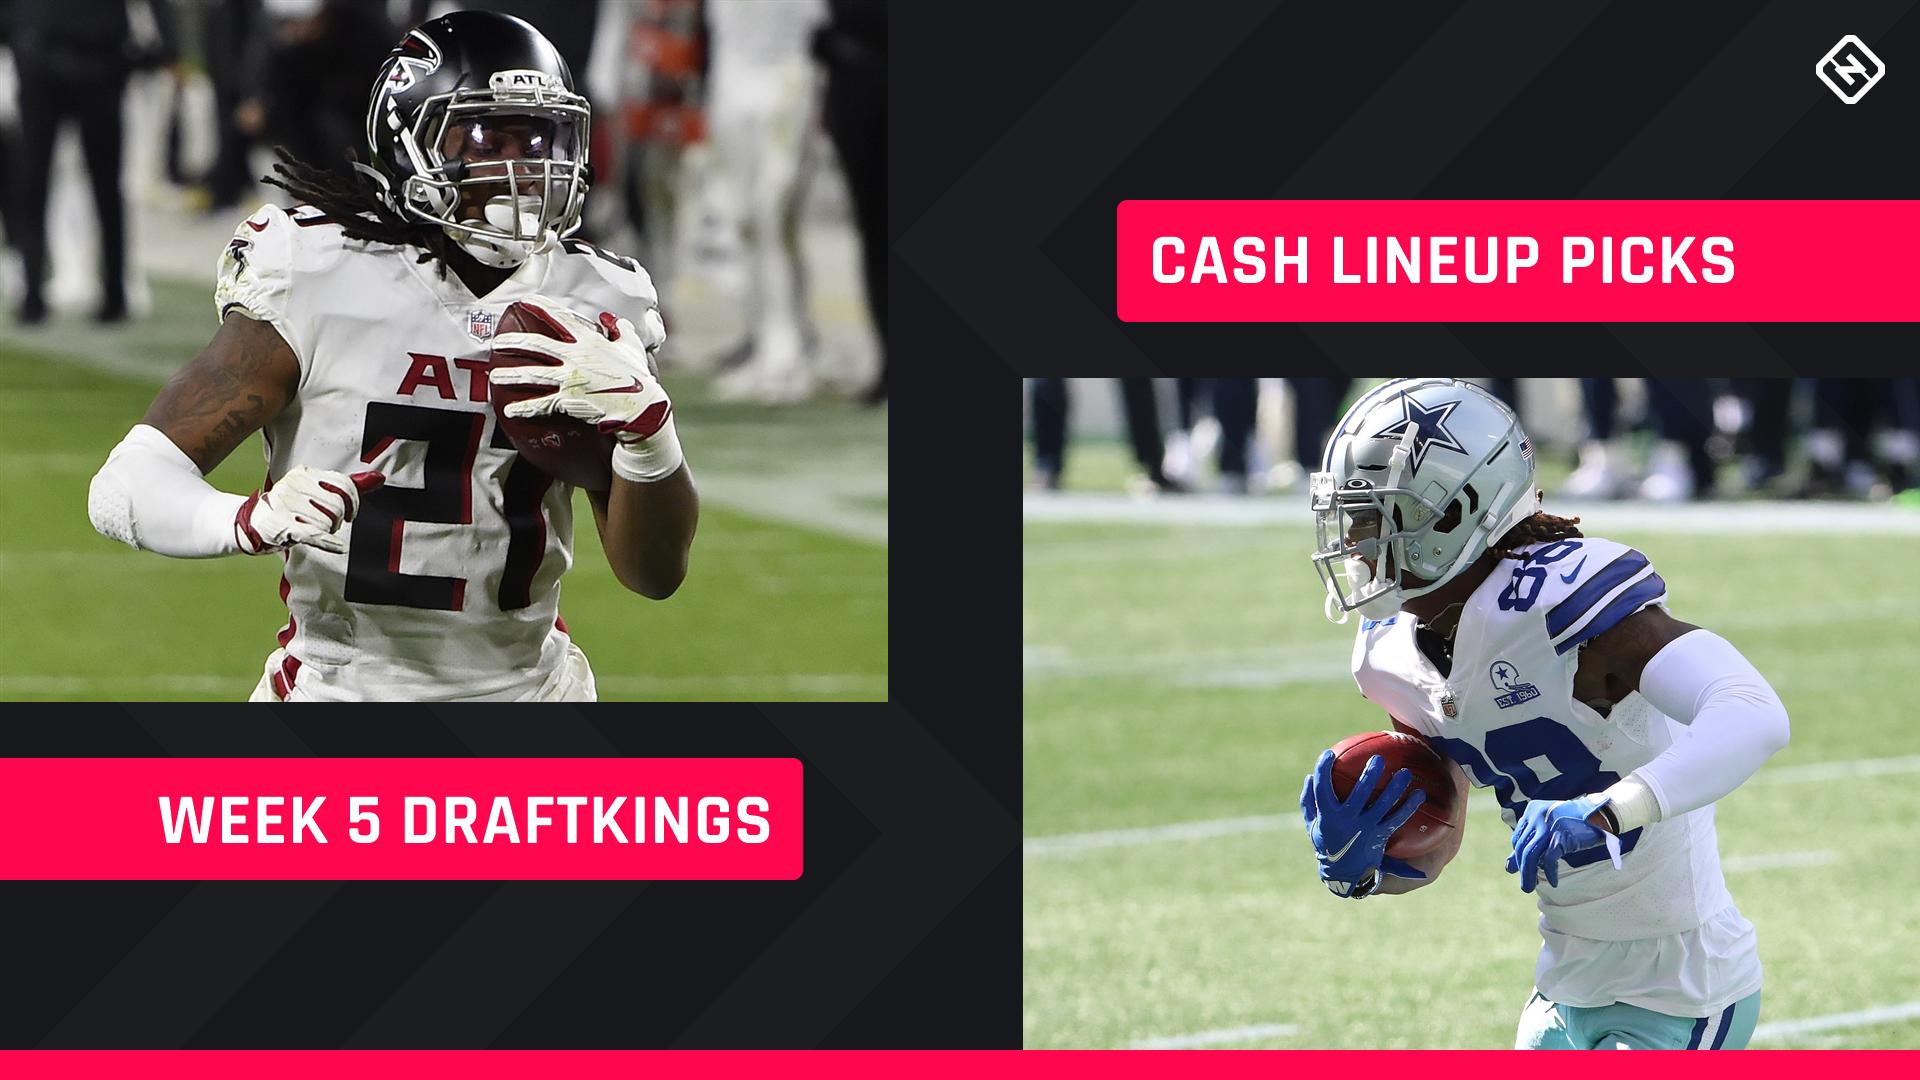 Semana 5 DraftKings Picks: Conselho de escalação NFL DFS para jogos diários a dinheiro de fantasy football